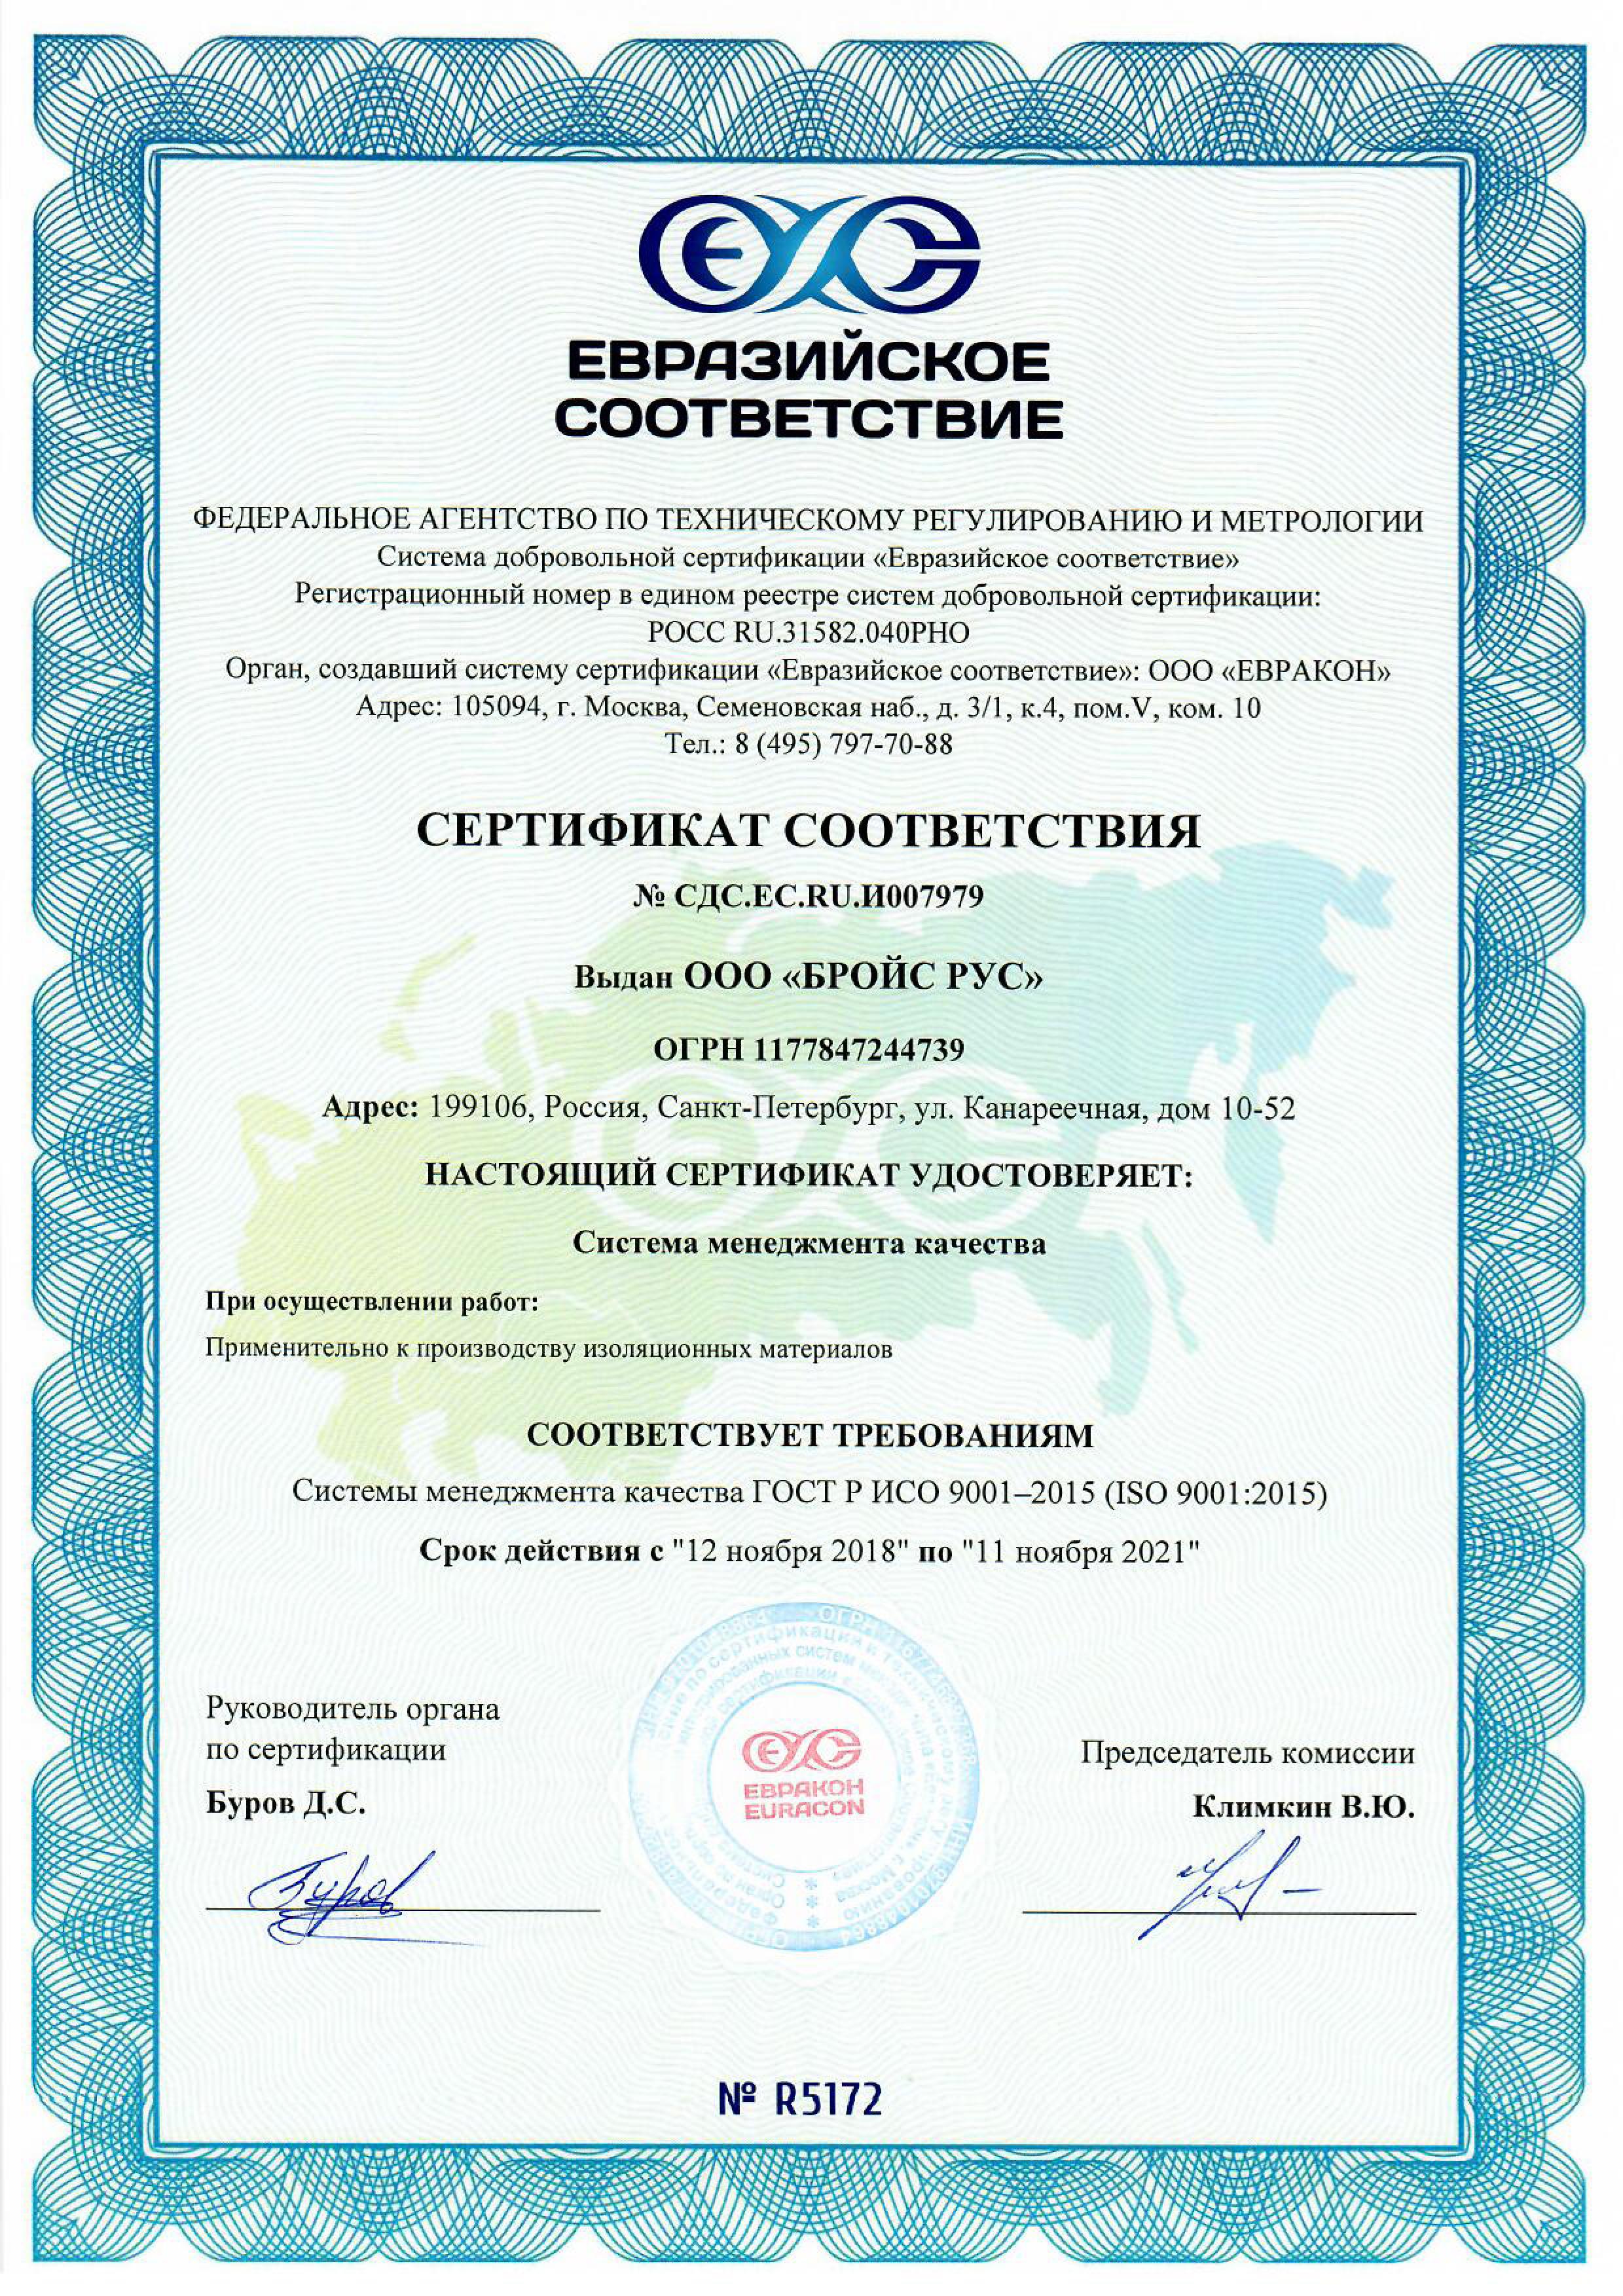 Сертификат евразийского соответствия